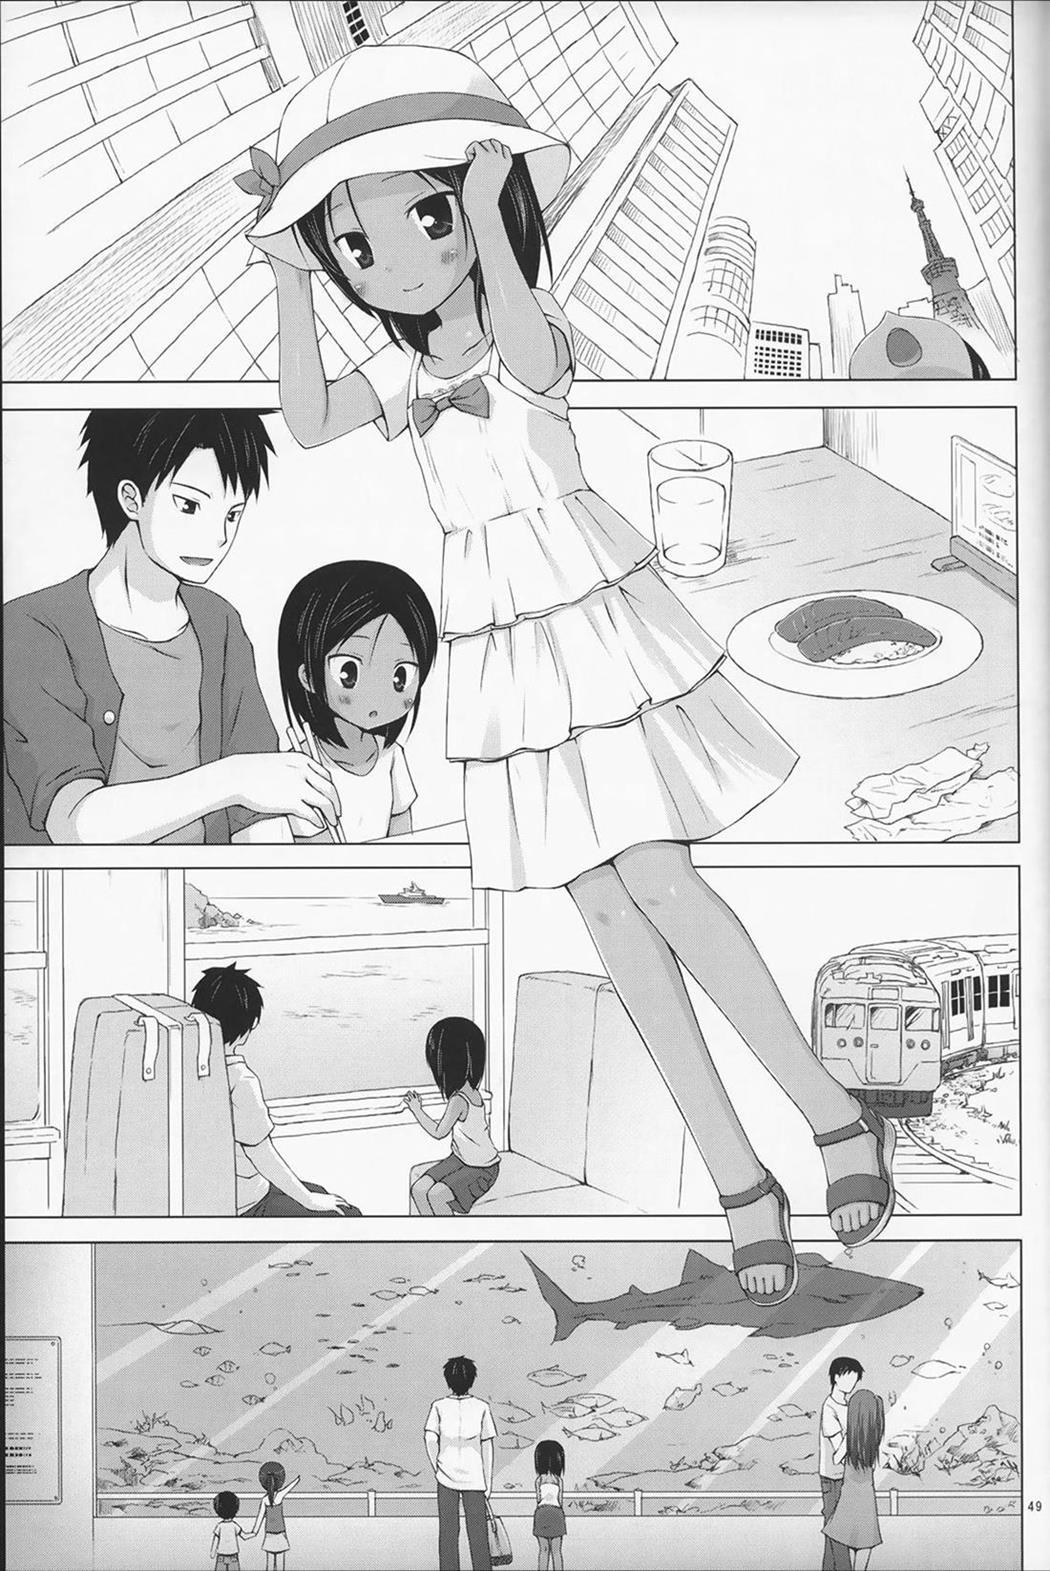 【エロ漫画・エロ同人誌】異国で父親に売られて売春する羽目になったロリ少女wひたすらお客とエッチしてる毎日を送ってたら日本人の男に助けられ日本に来てもセックス依存がぬけてないwww (49)